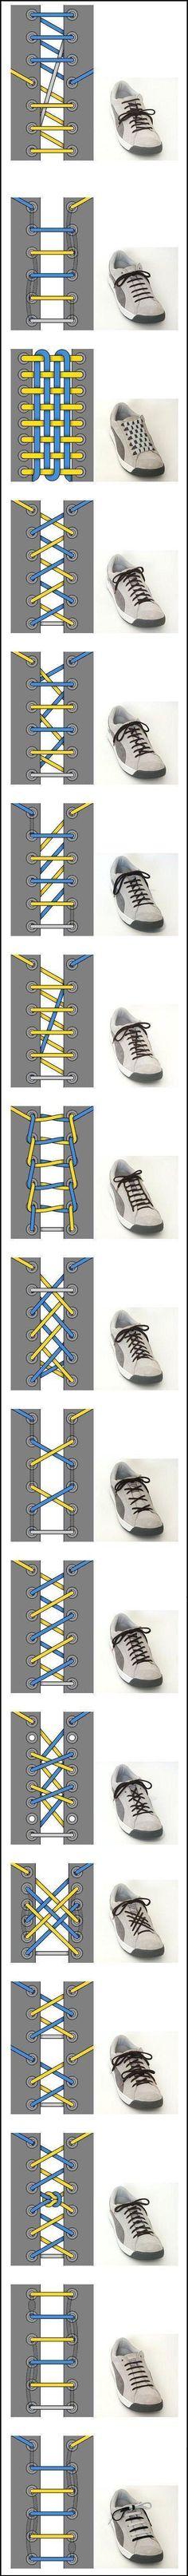 Как завязать шнурки?  Crazy shoelace ideas